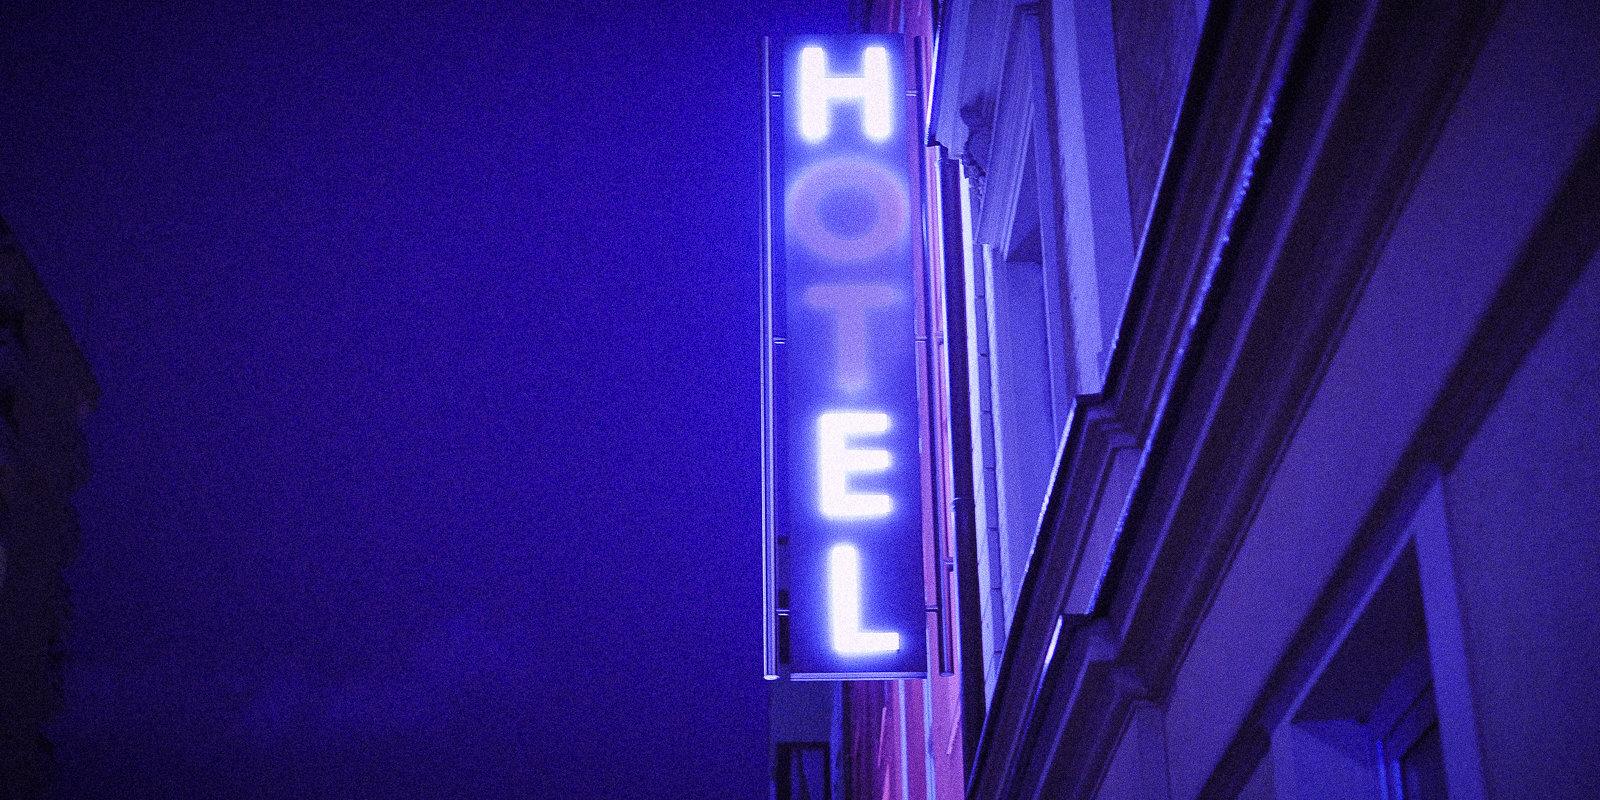 Дотянуть до лета: как латвийские гостиницы выживают во время пандемии